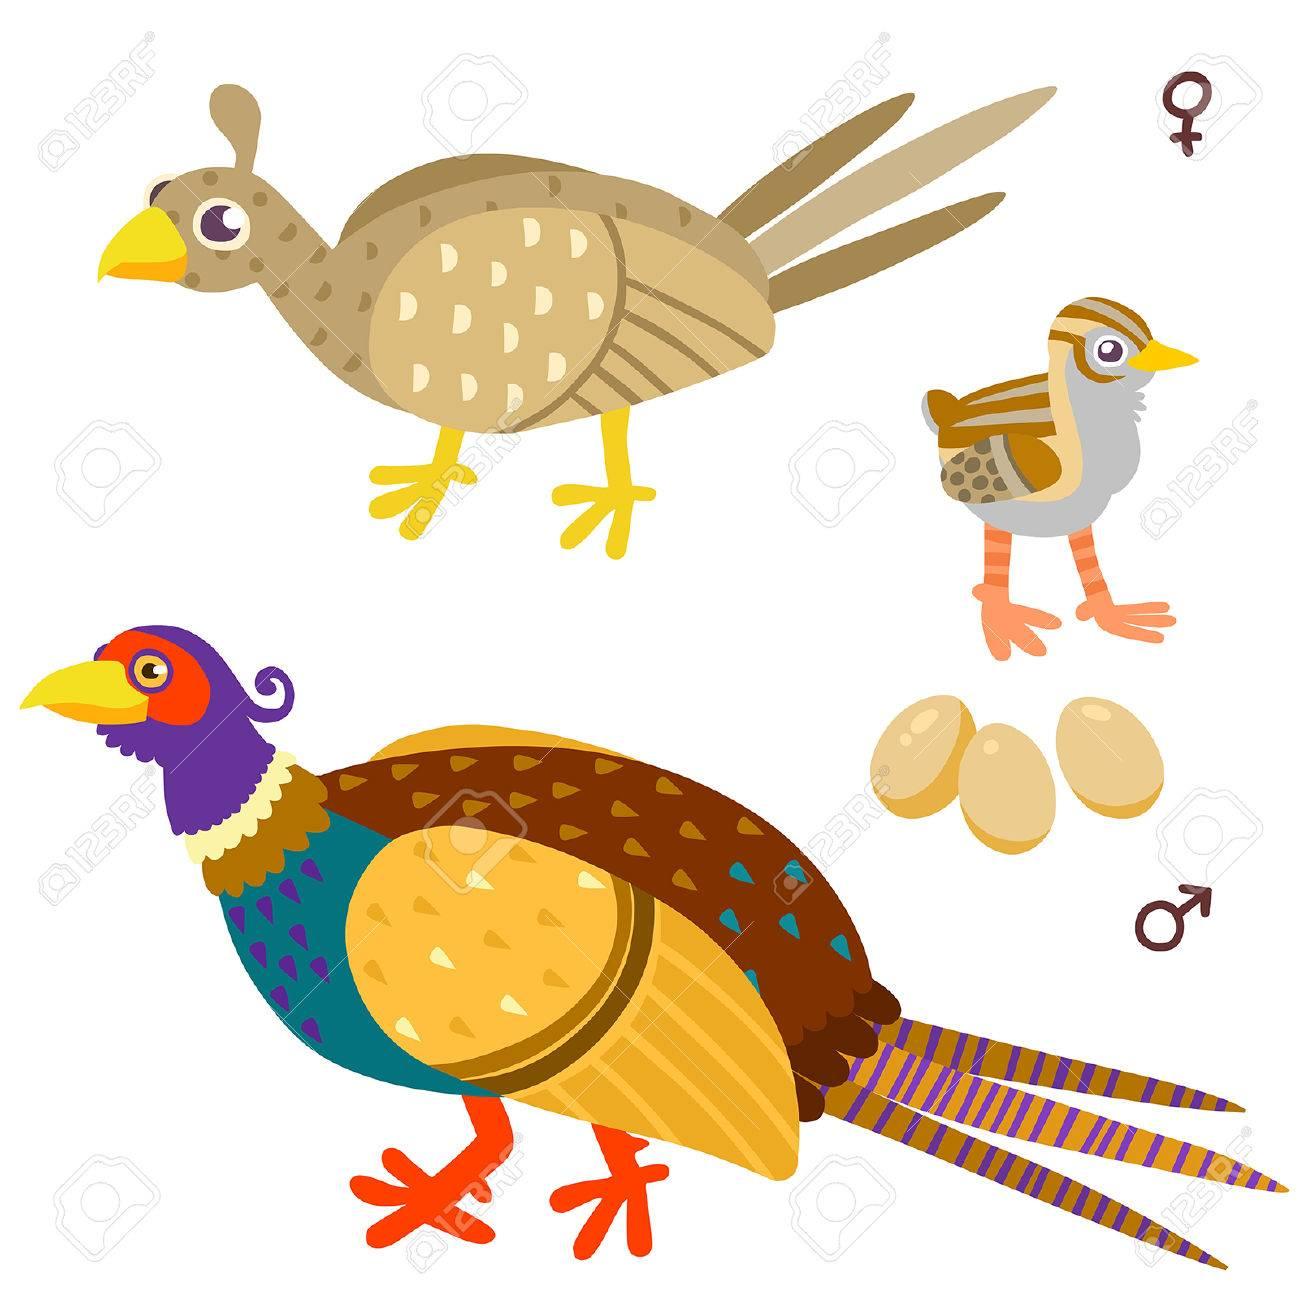 キジの家族を漫画します白い背景の上の鳥のイラストのイラスト素材